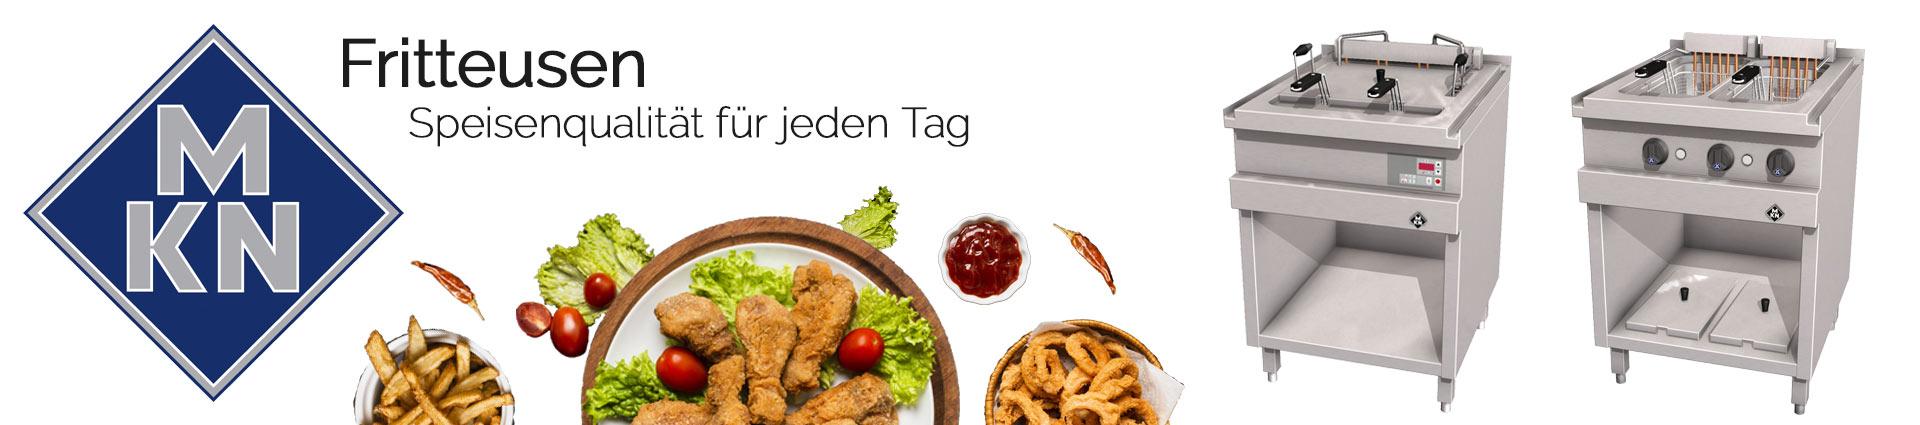 MKN Banner Fritteusen